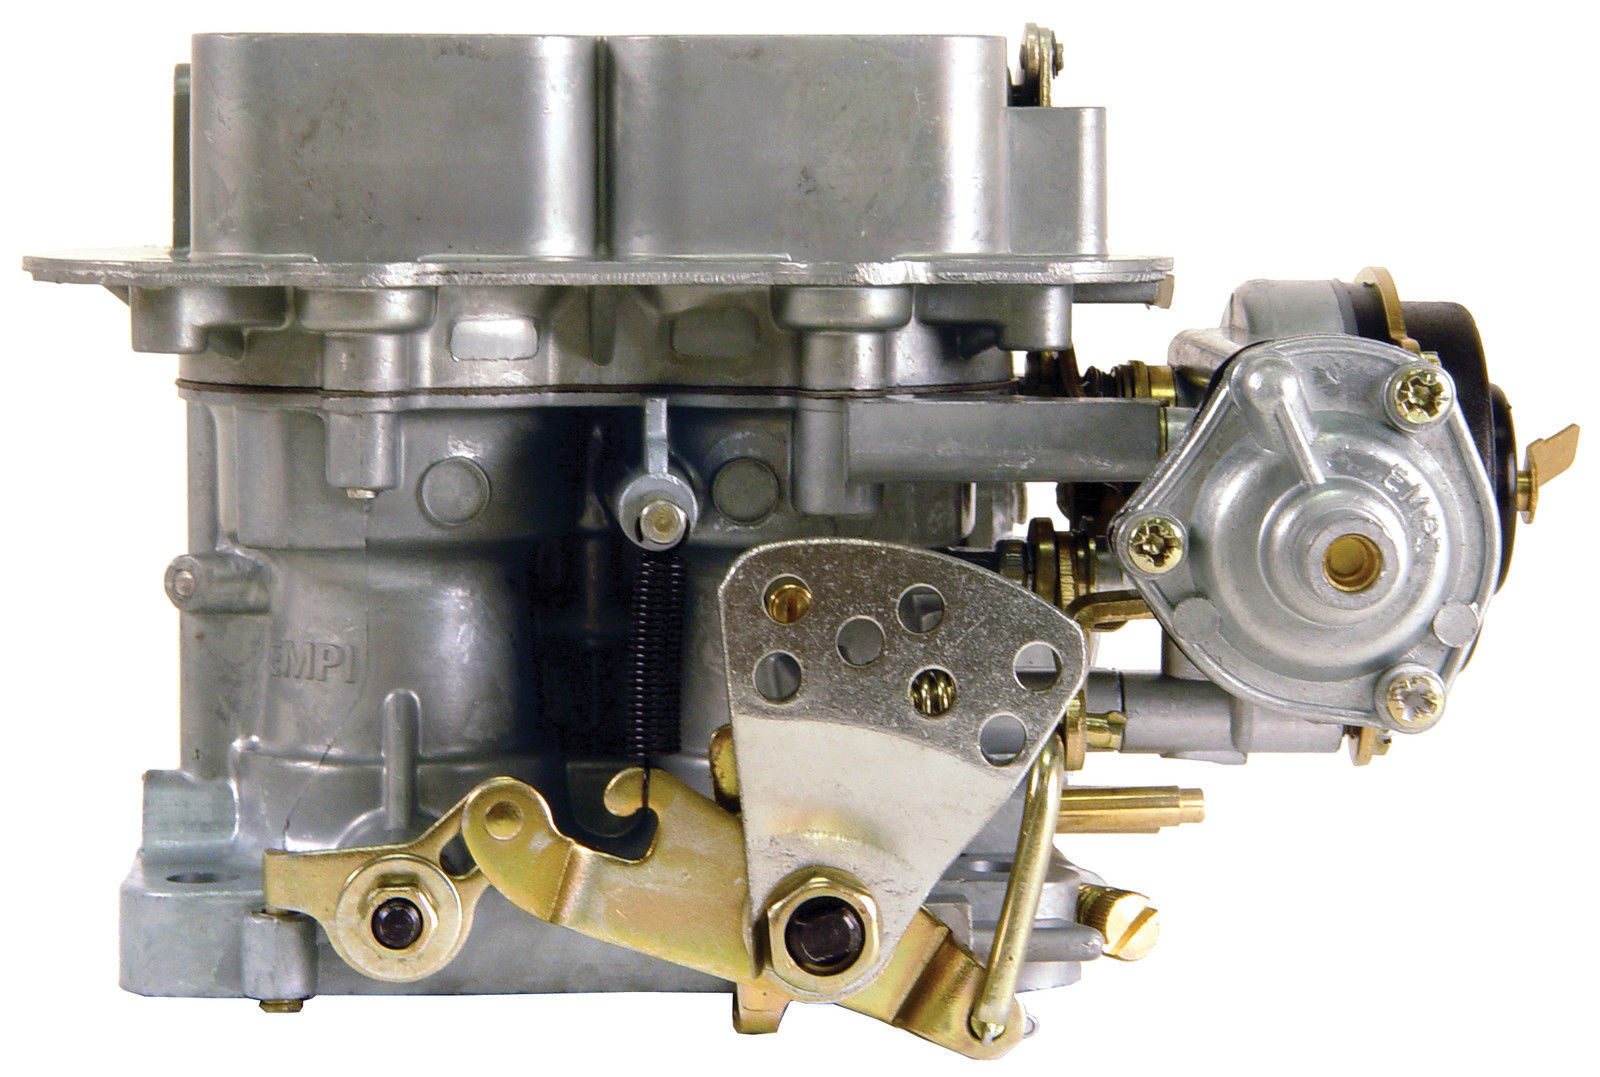 empi 32 36 electric choke carburetor kit fits toyota 74 87. Black Bedroom Furniture Sets. Home Design Ideas